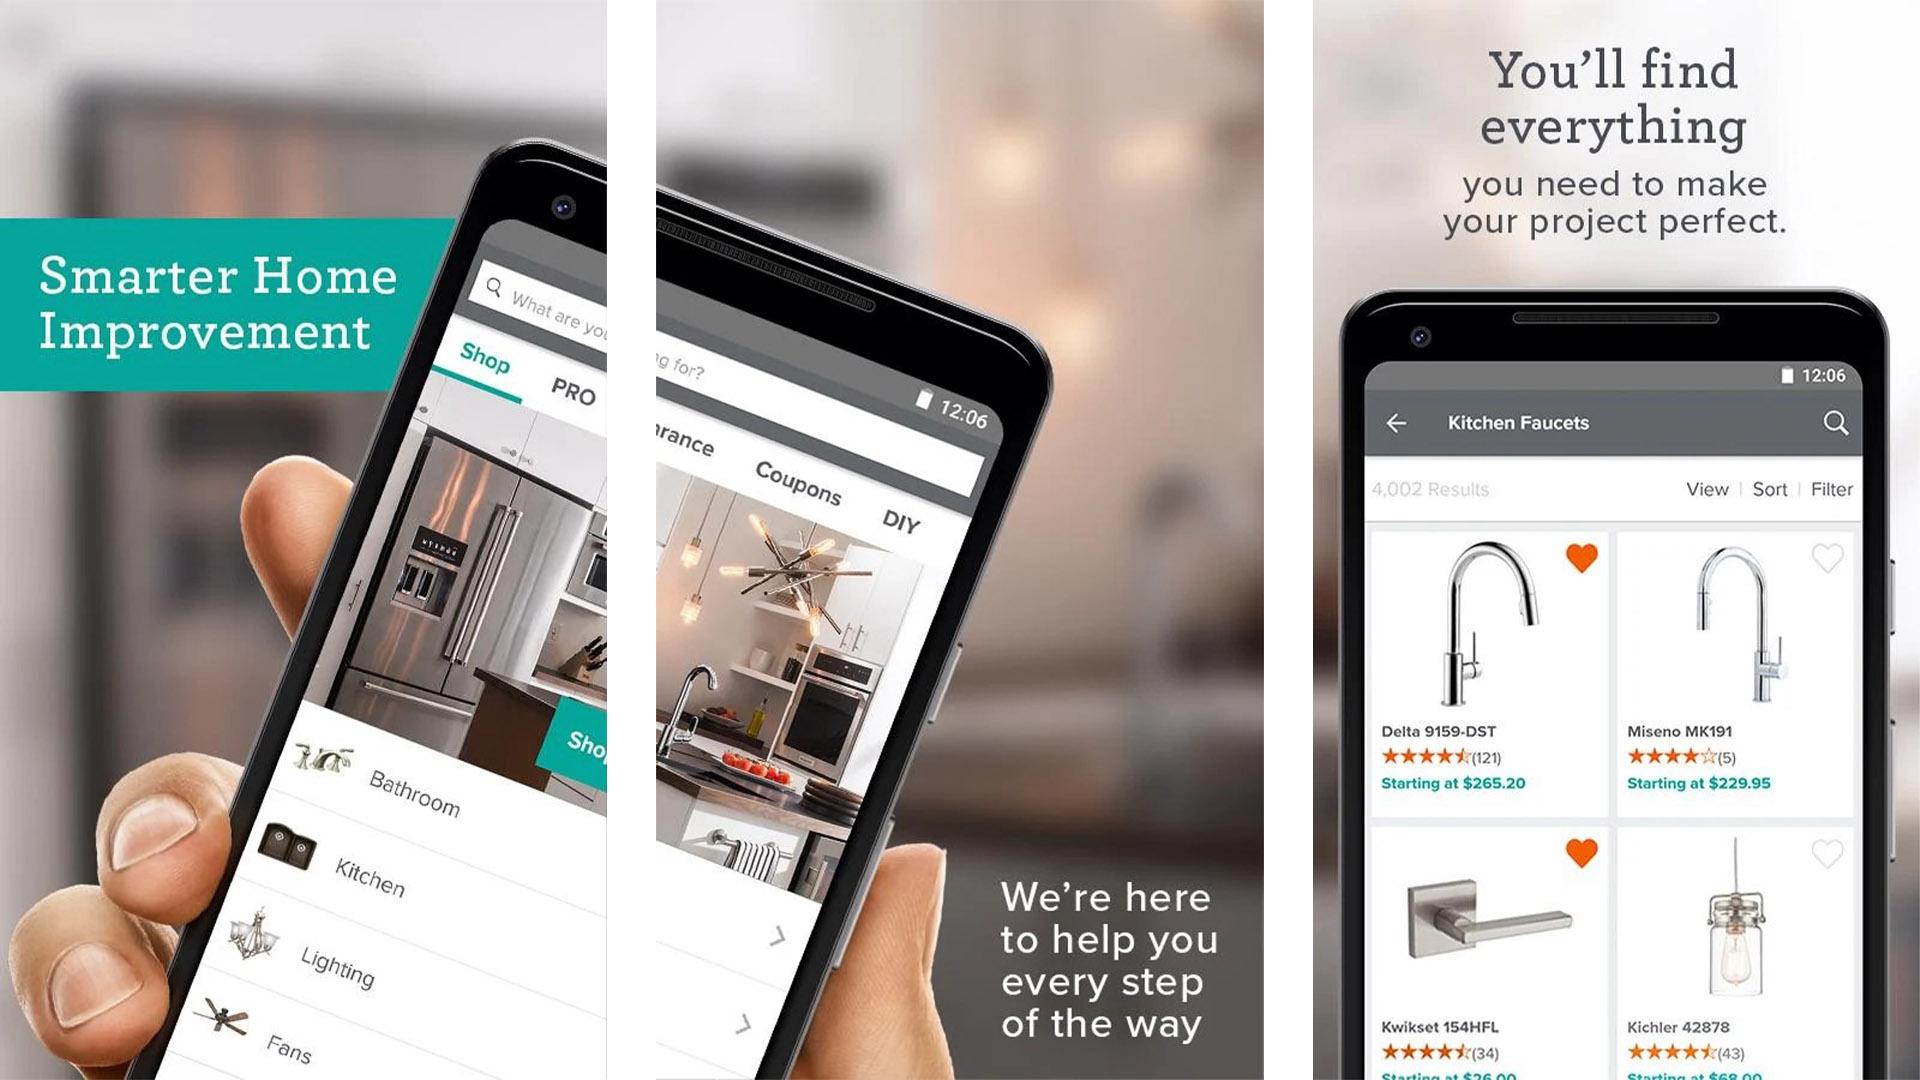 Buildcom screenshot 2020